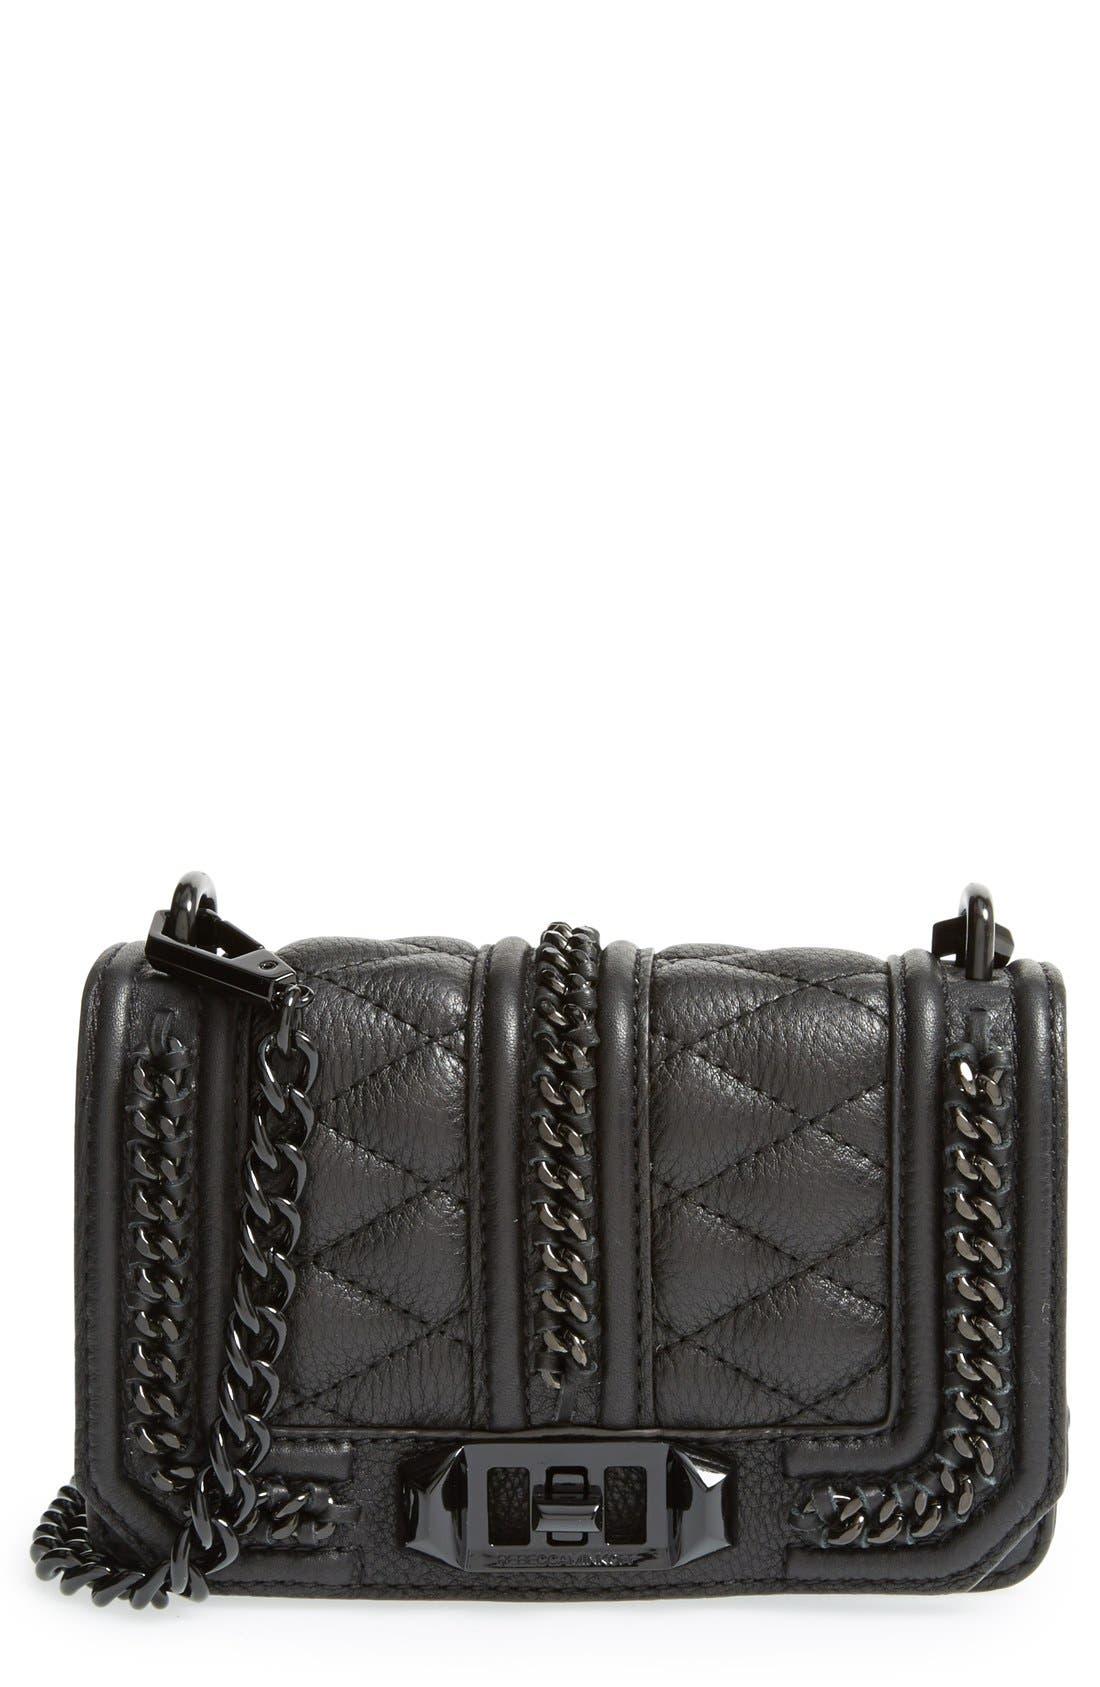 REBECCA MINKOFF 'Mini Love' Crossbody Bag, Main, color, 001